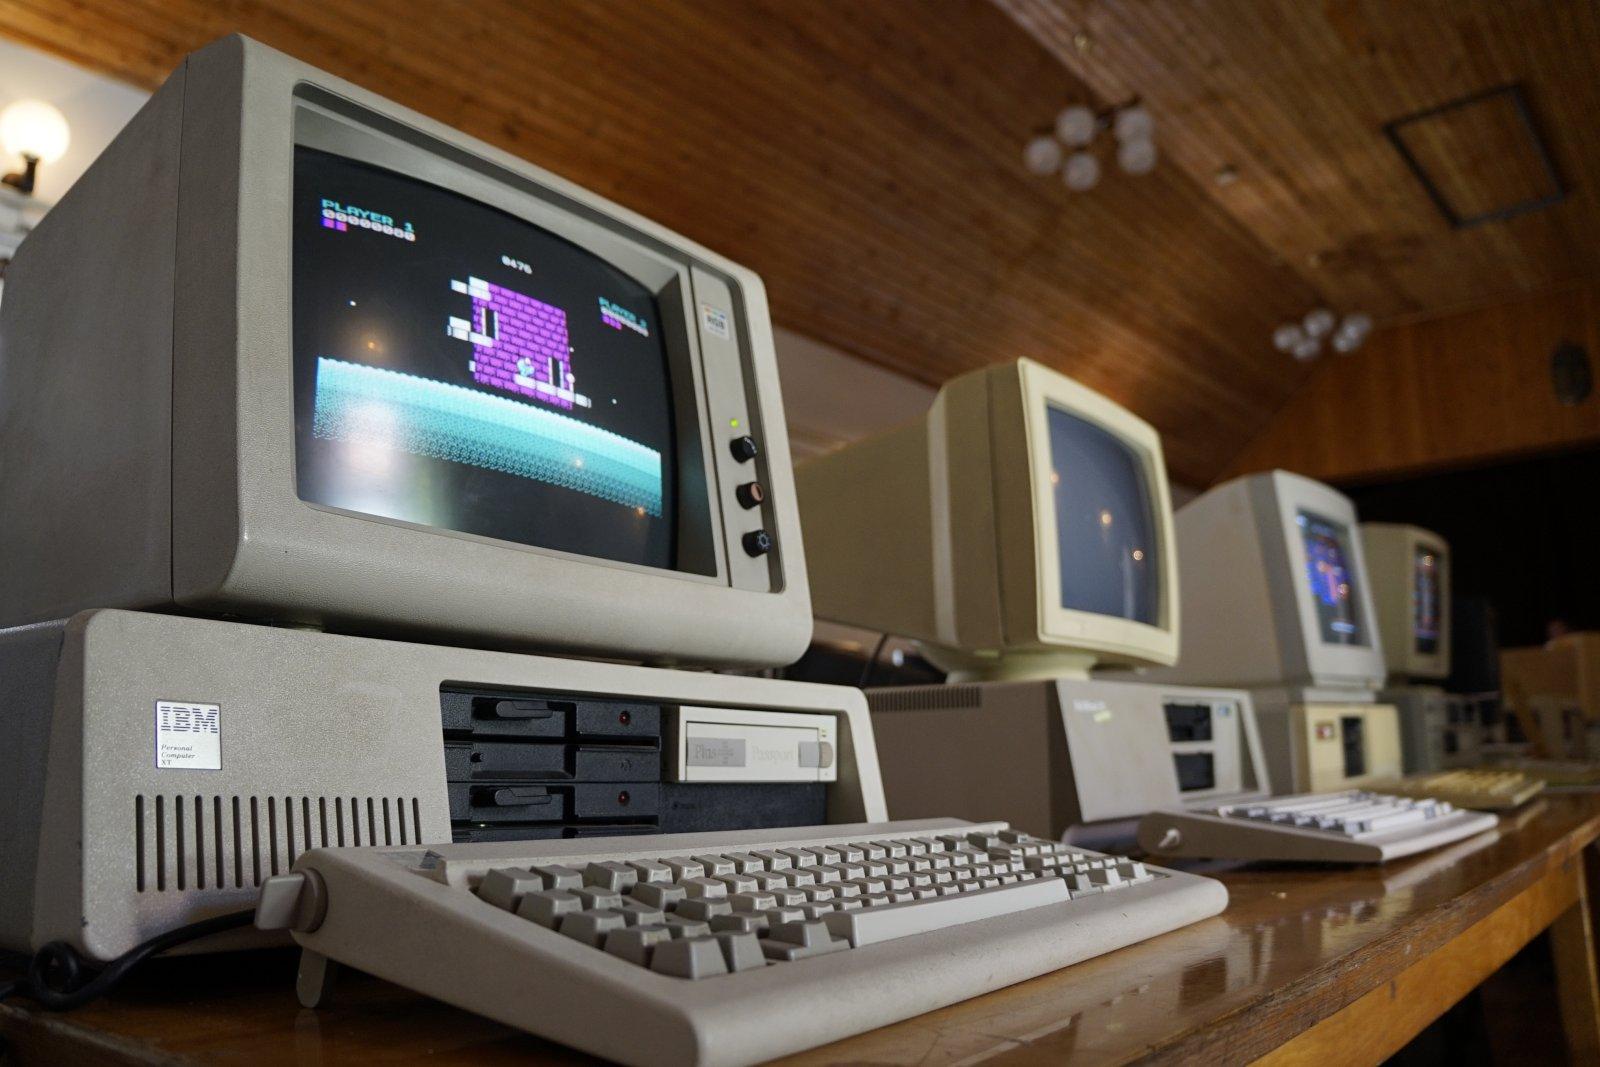 3. Bacsis Retro Számítógép Kiállítása: Beszámoló